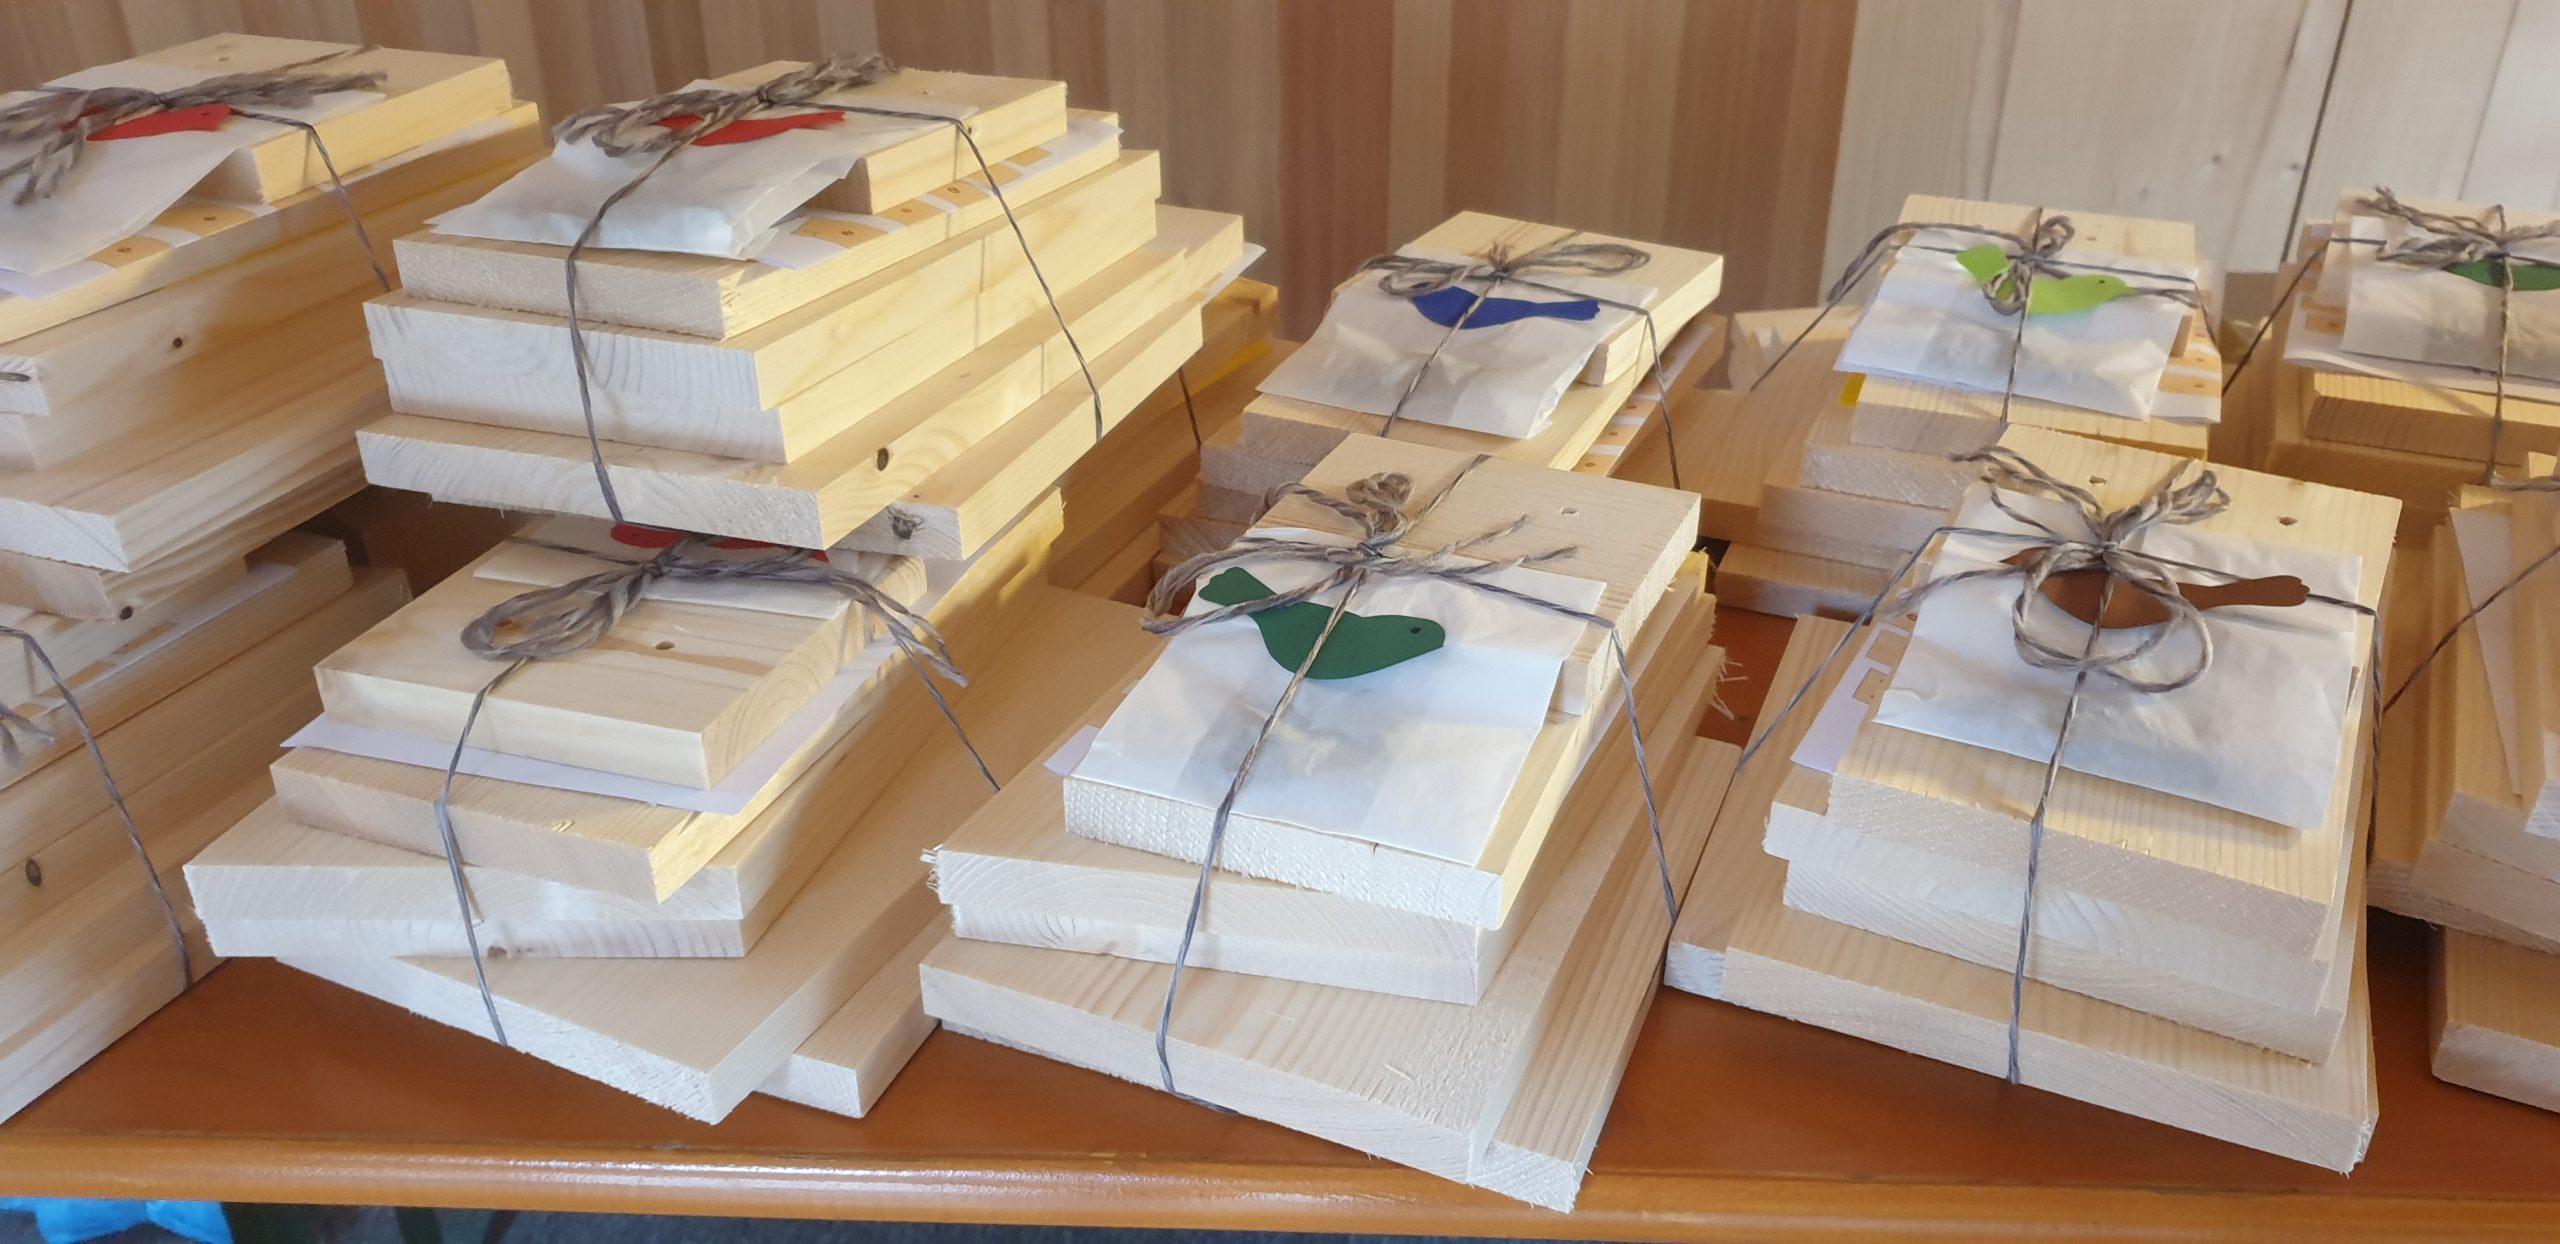 Bezau-Reuthe: Bastelpakete für zu Hause